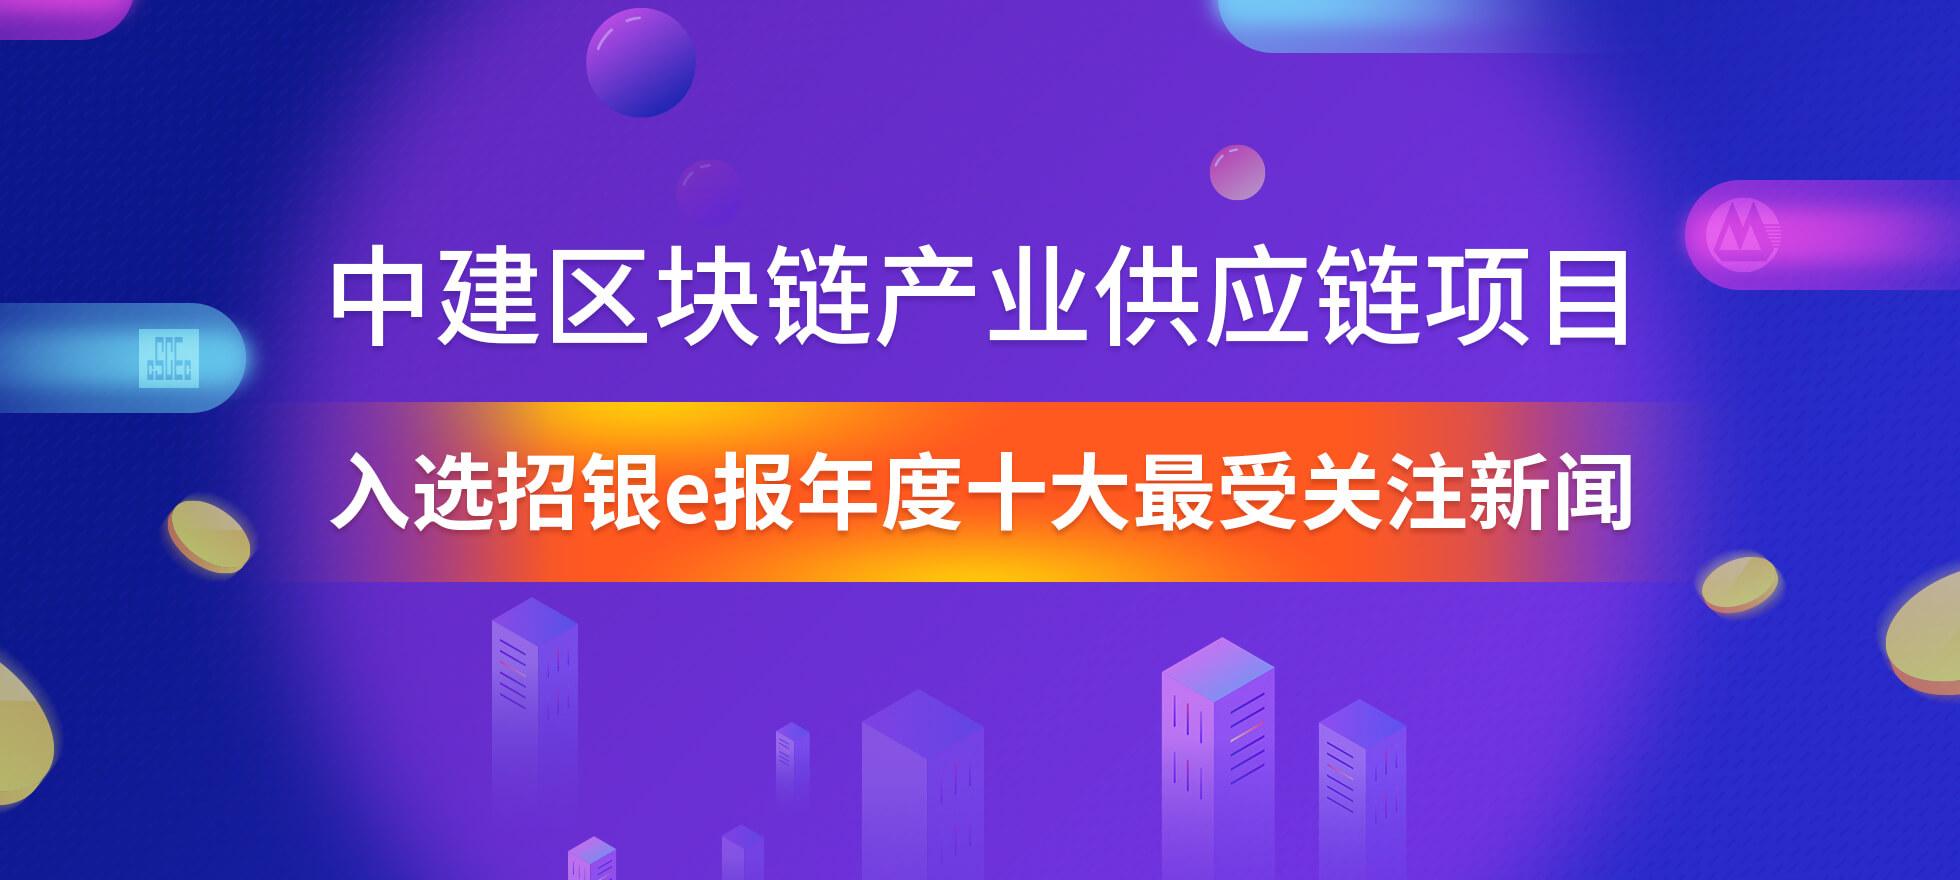 中建区块链产业供应链项目入选招银e报年度十大最受关注新闻